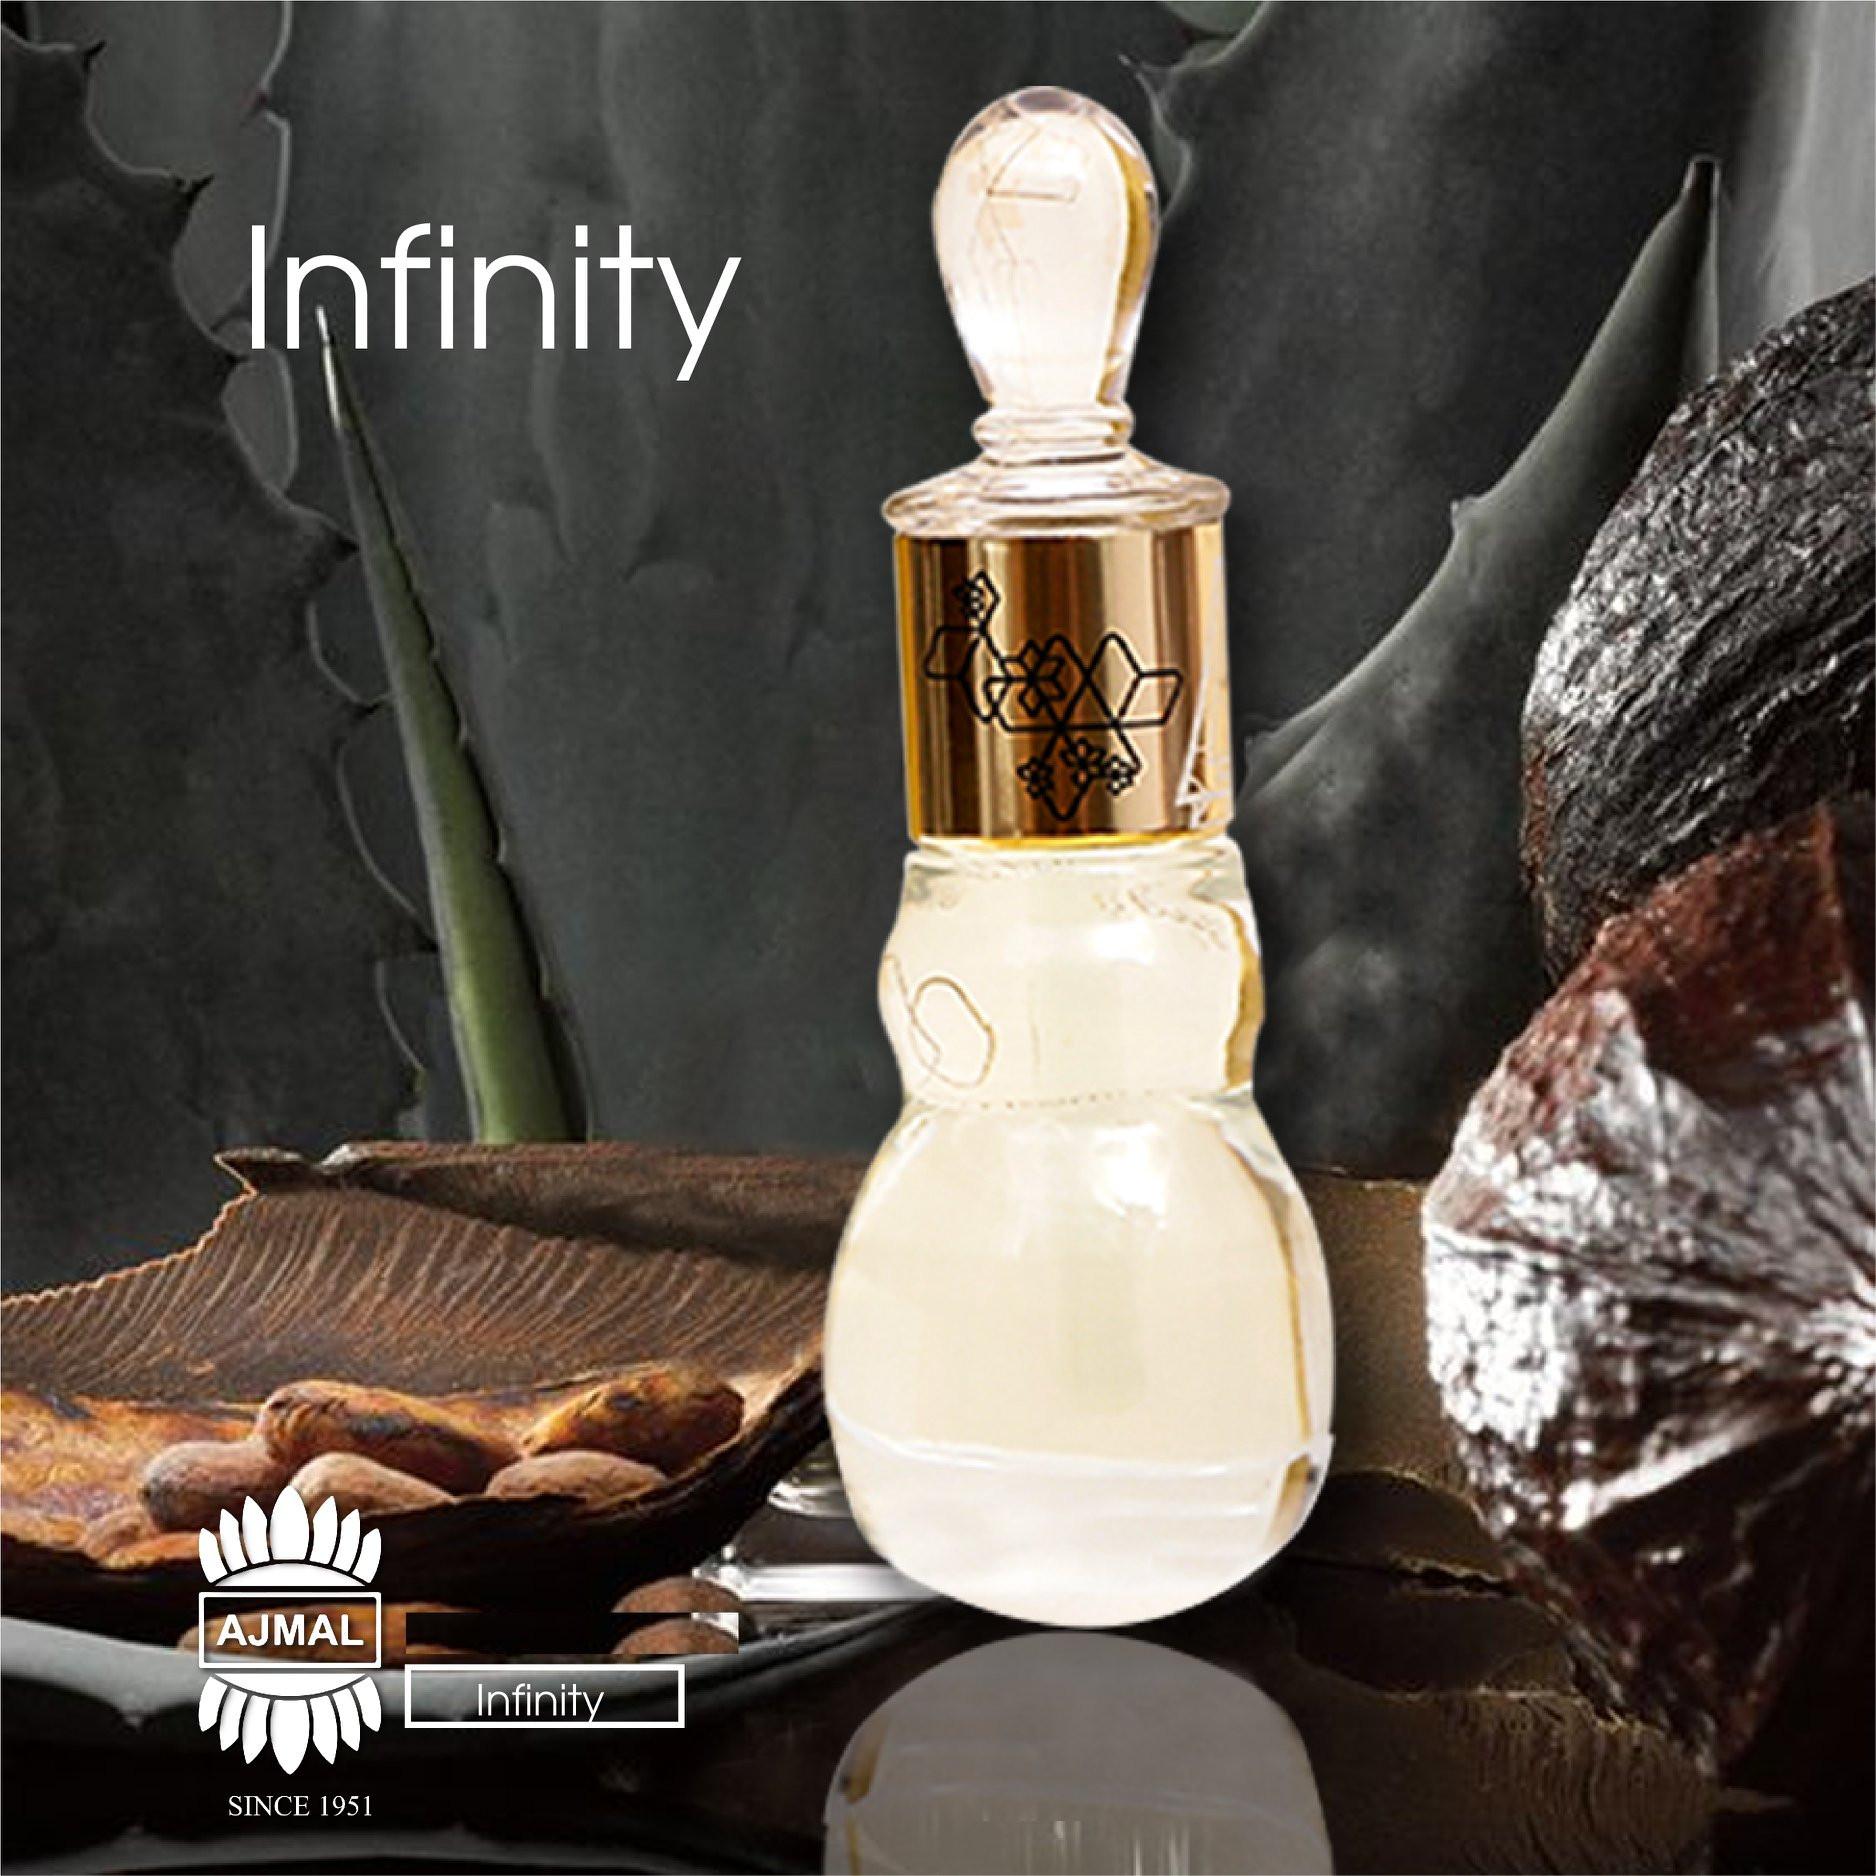 Tinh Dầu Nước Hoa Ajmal Dubai Infinity Chính Hãng - ANGEL CONCENTRATED PARFUME 12ml